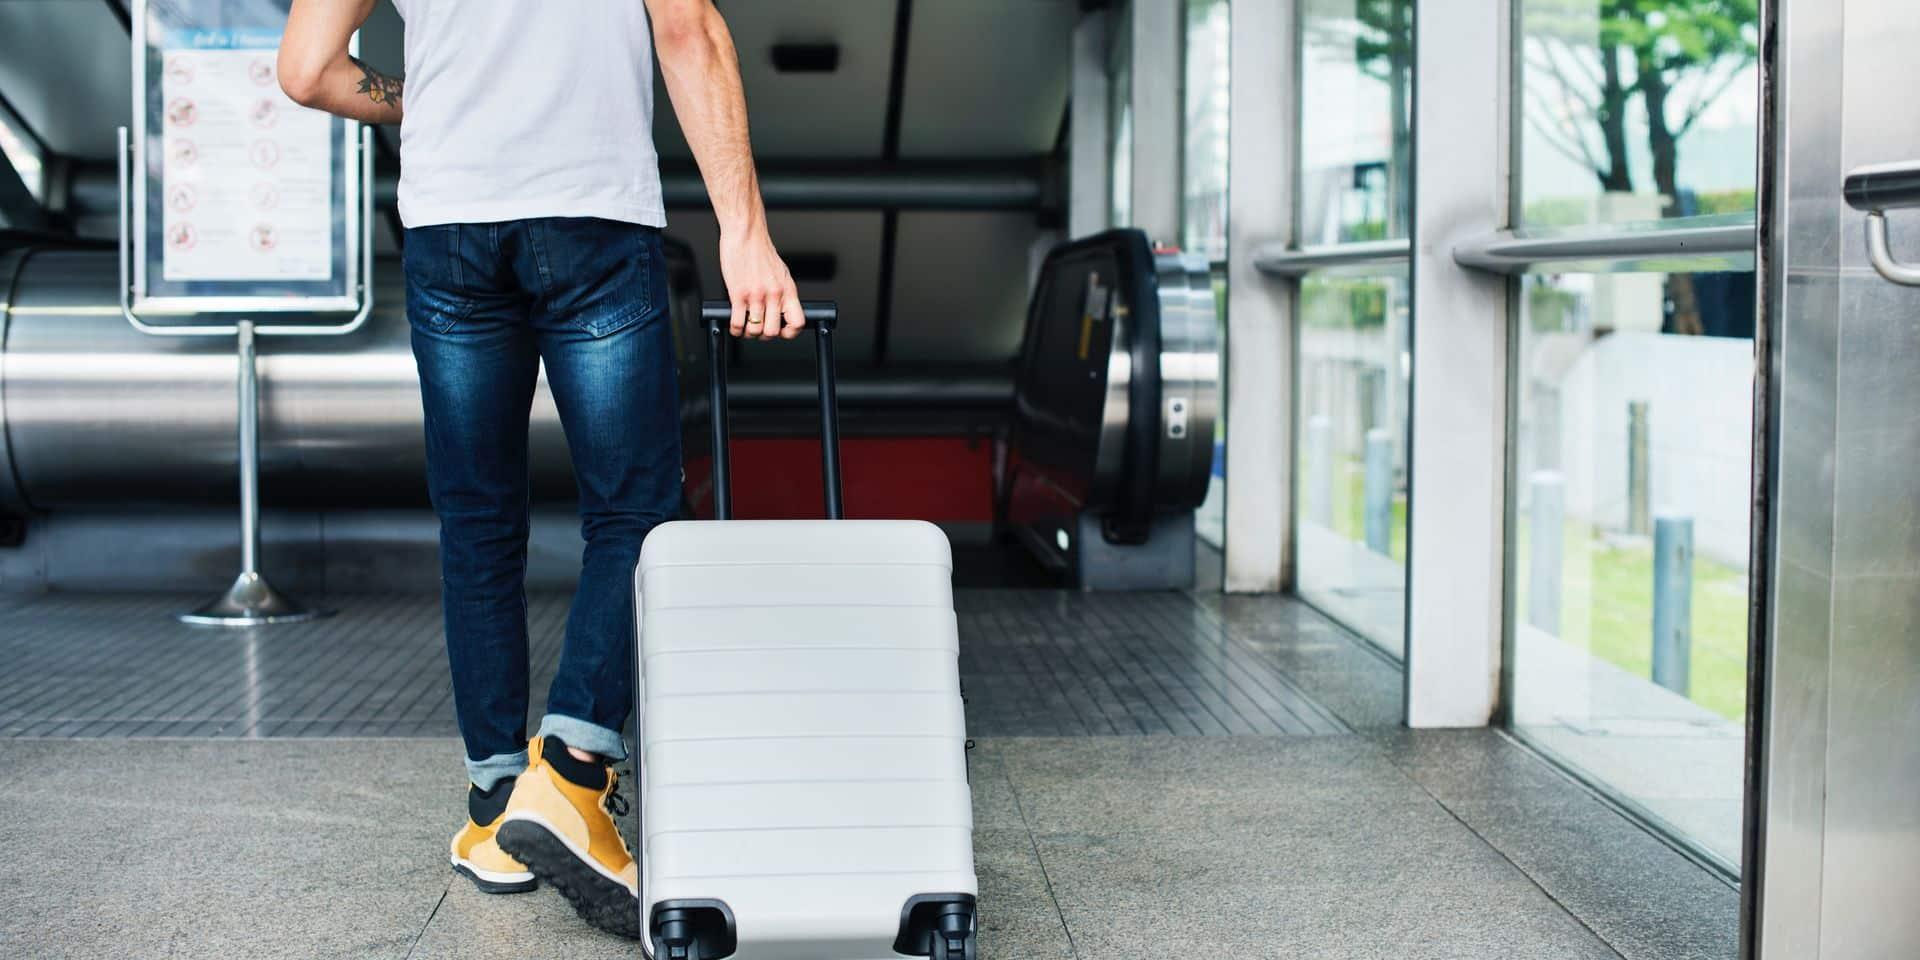 Les contrôles de TUI plus sévères: les bagages à main seront d'office contrôlés au check-in